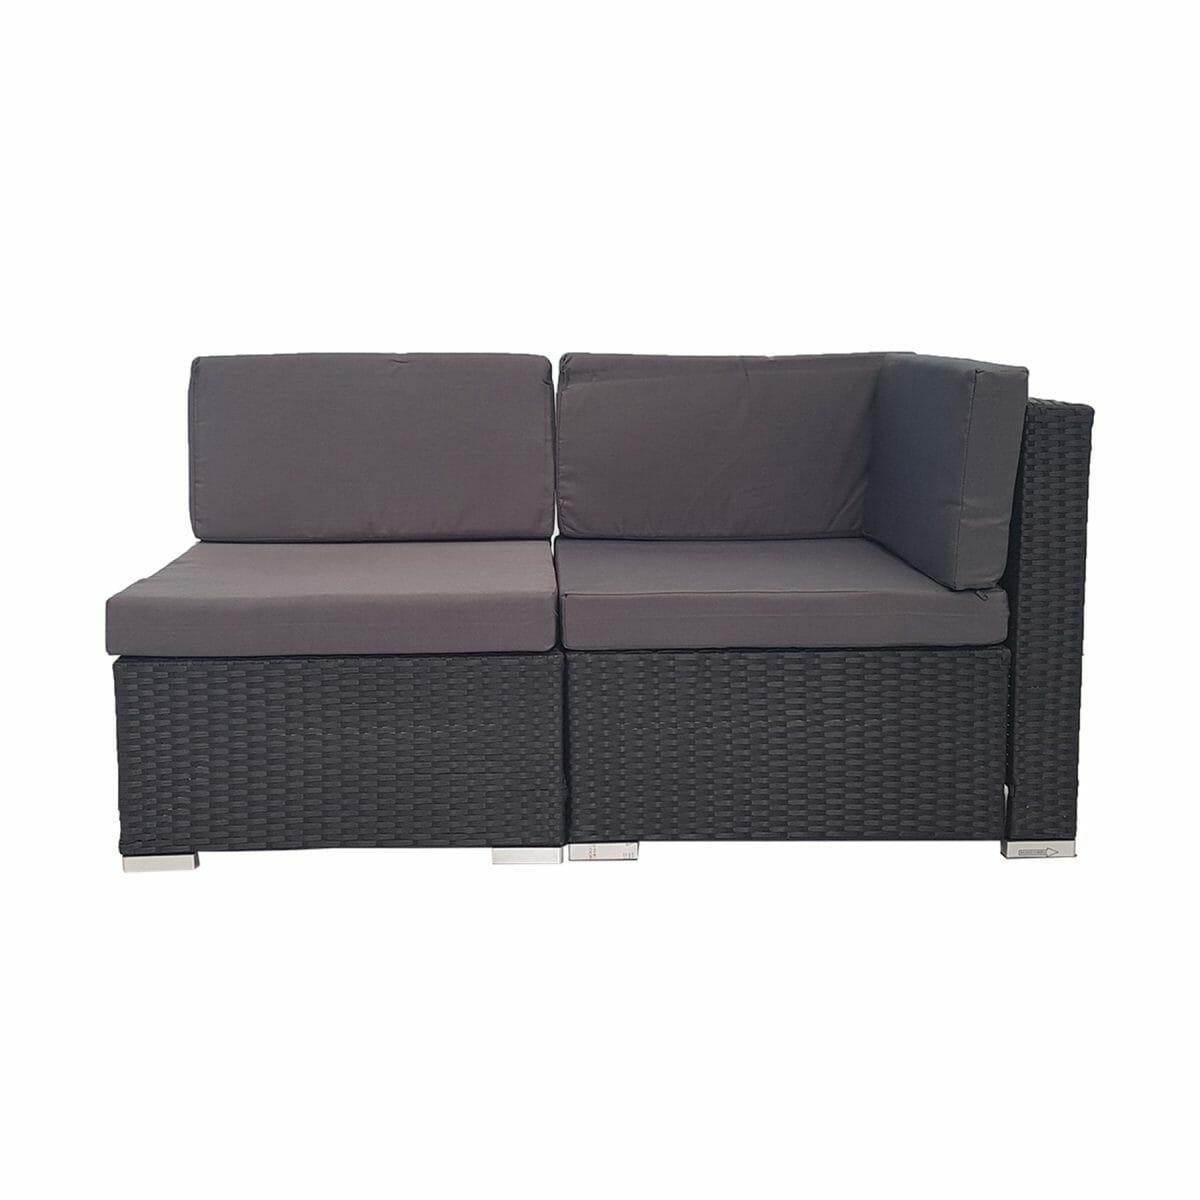 2 Piece Outdoor PE Rattan Wicker Furniture Sofa Set